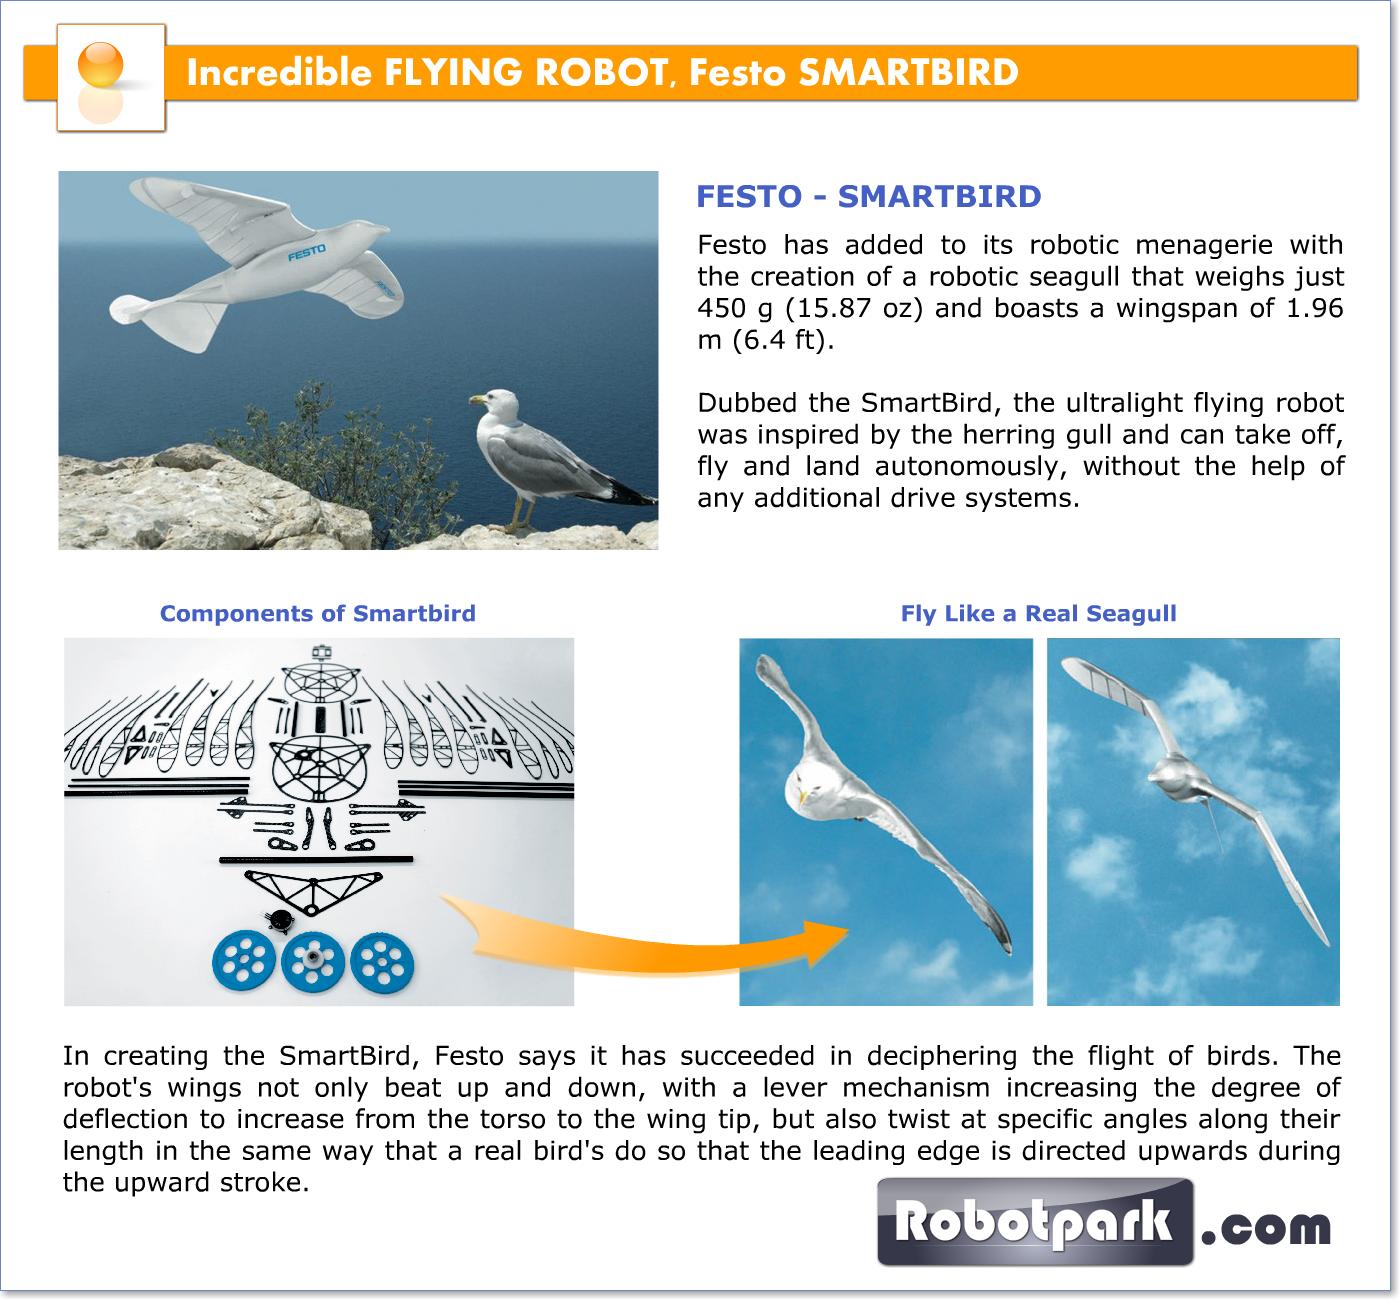 Incredible FLYING ROBOT, Festo SMARTBIRD 31003 - Robotpark